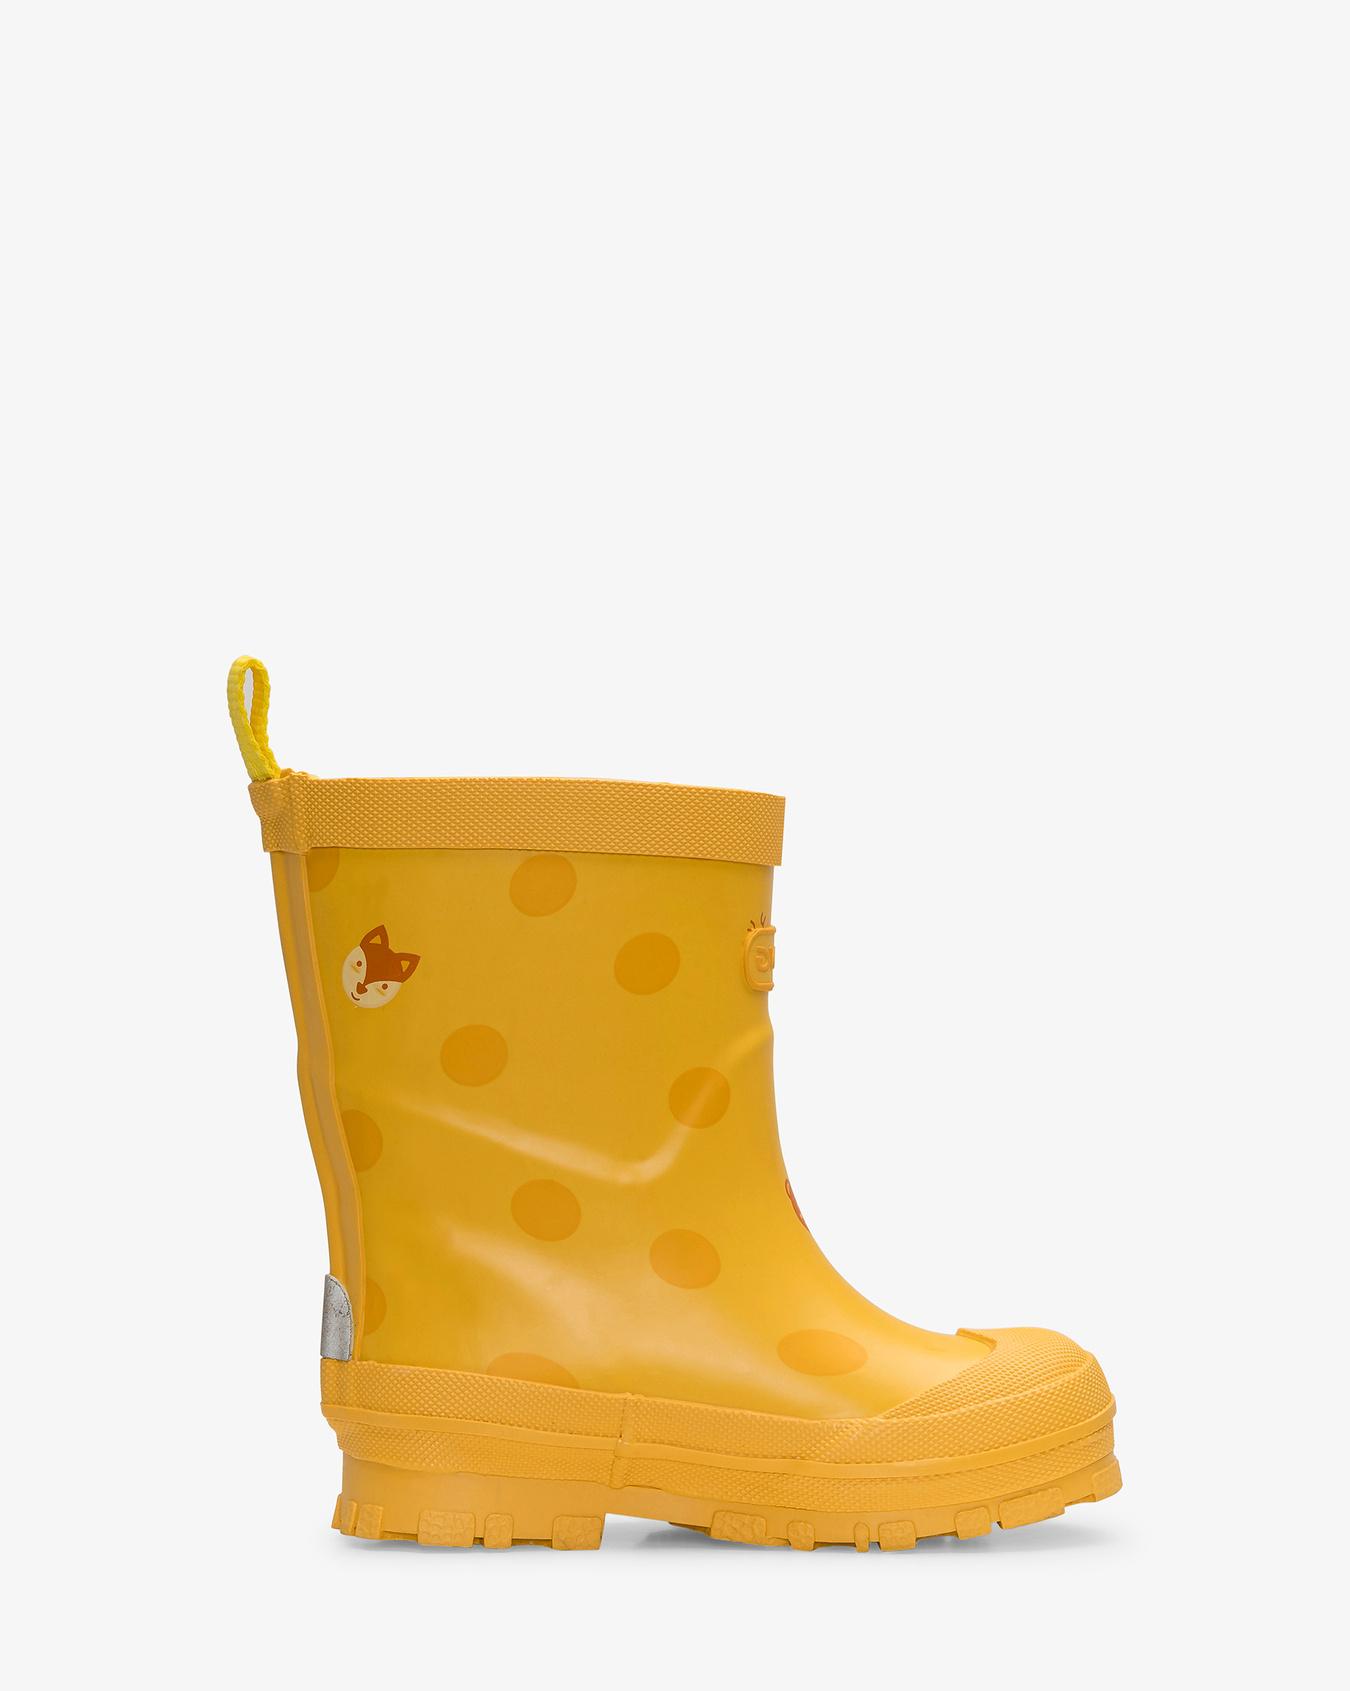 Hidden Animals Rubber Boot